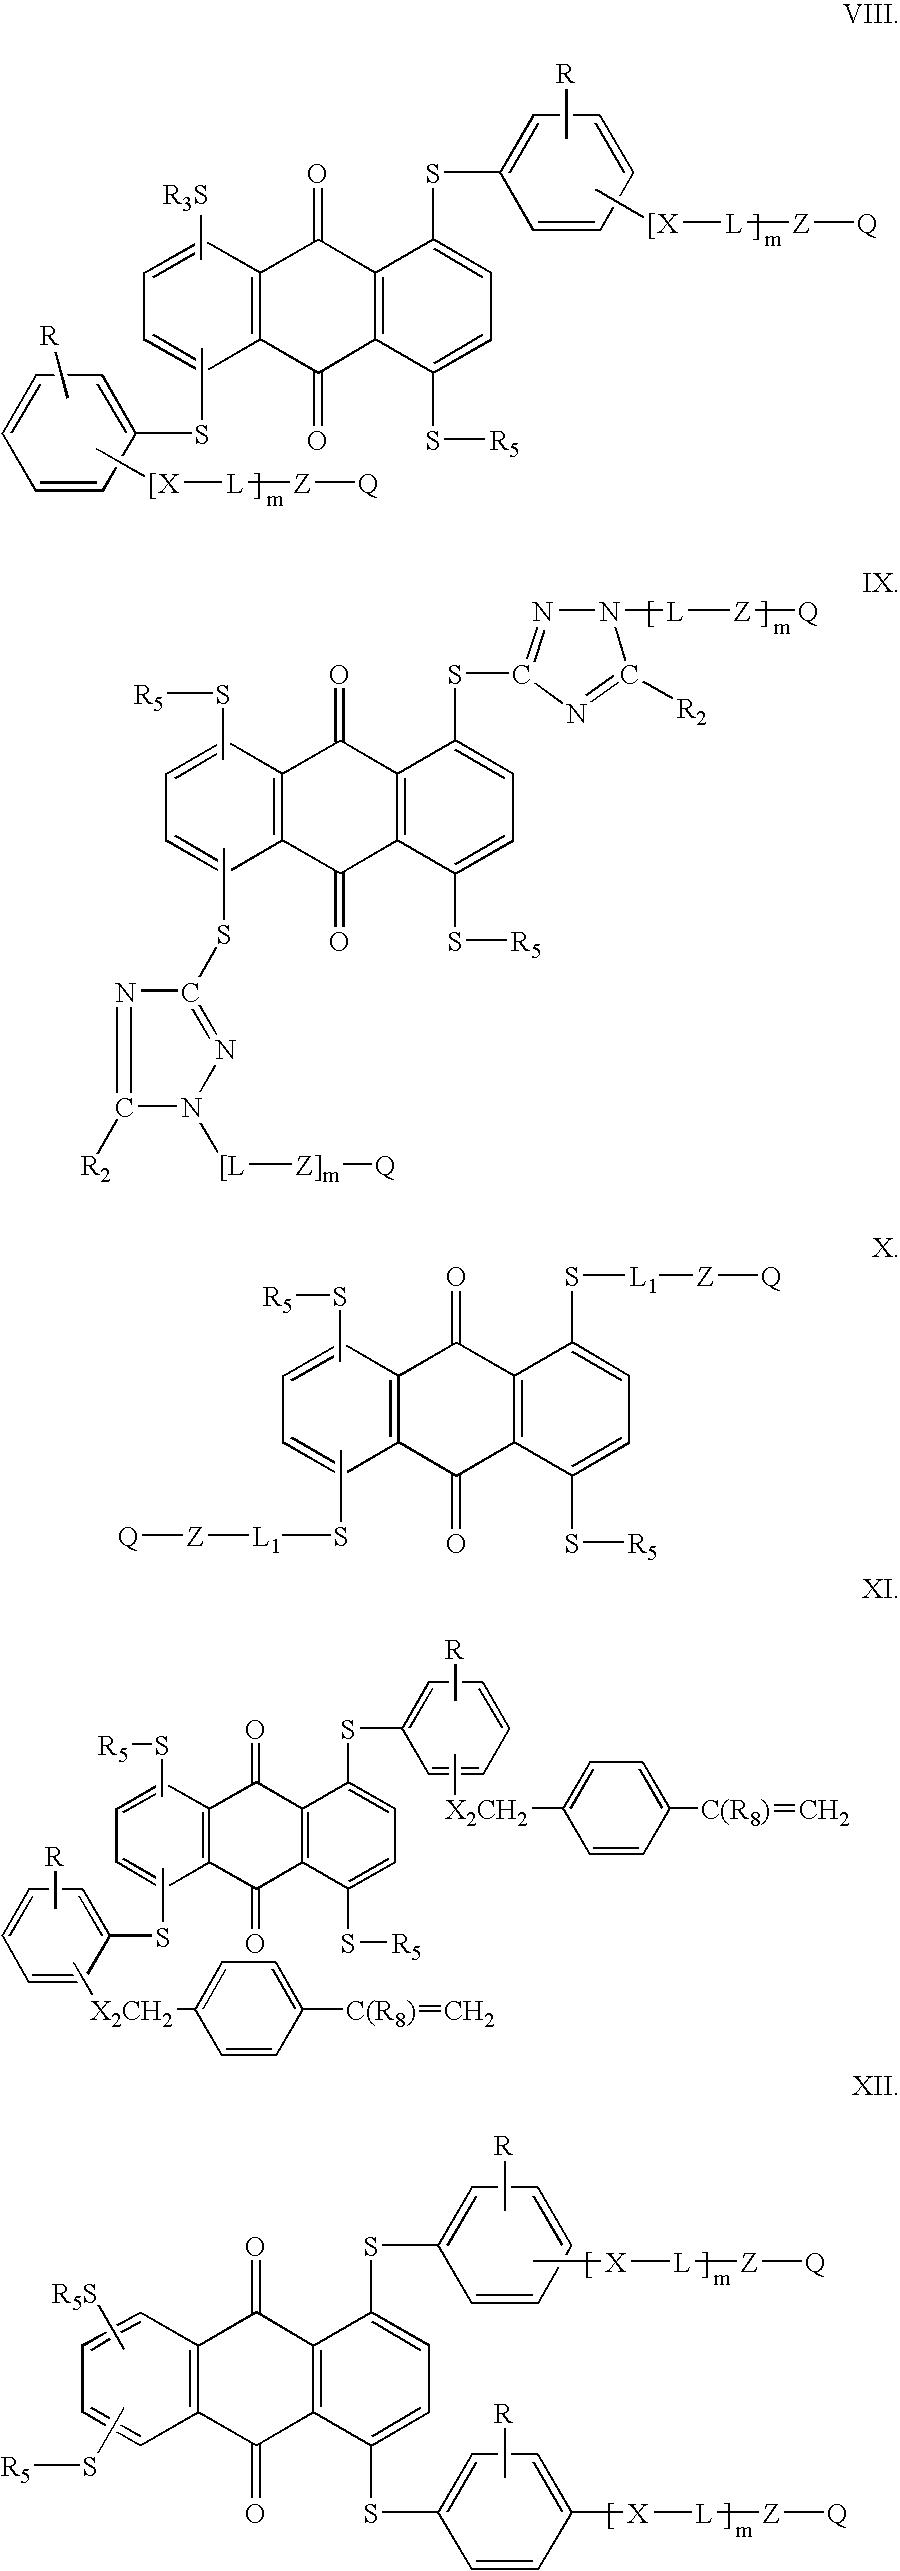 Figure US07141685-20061128-C00002